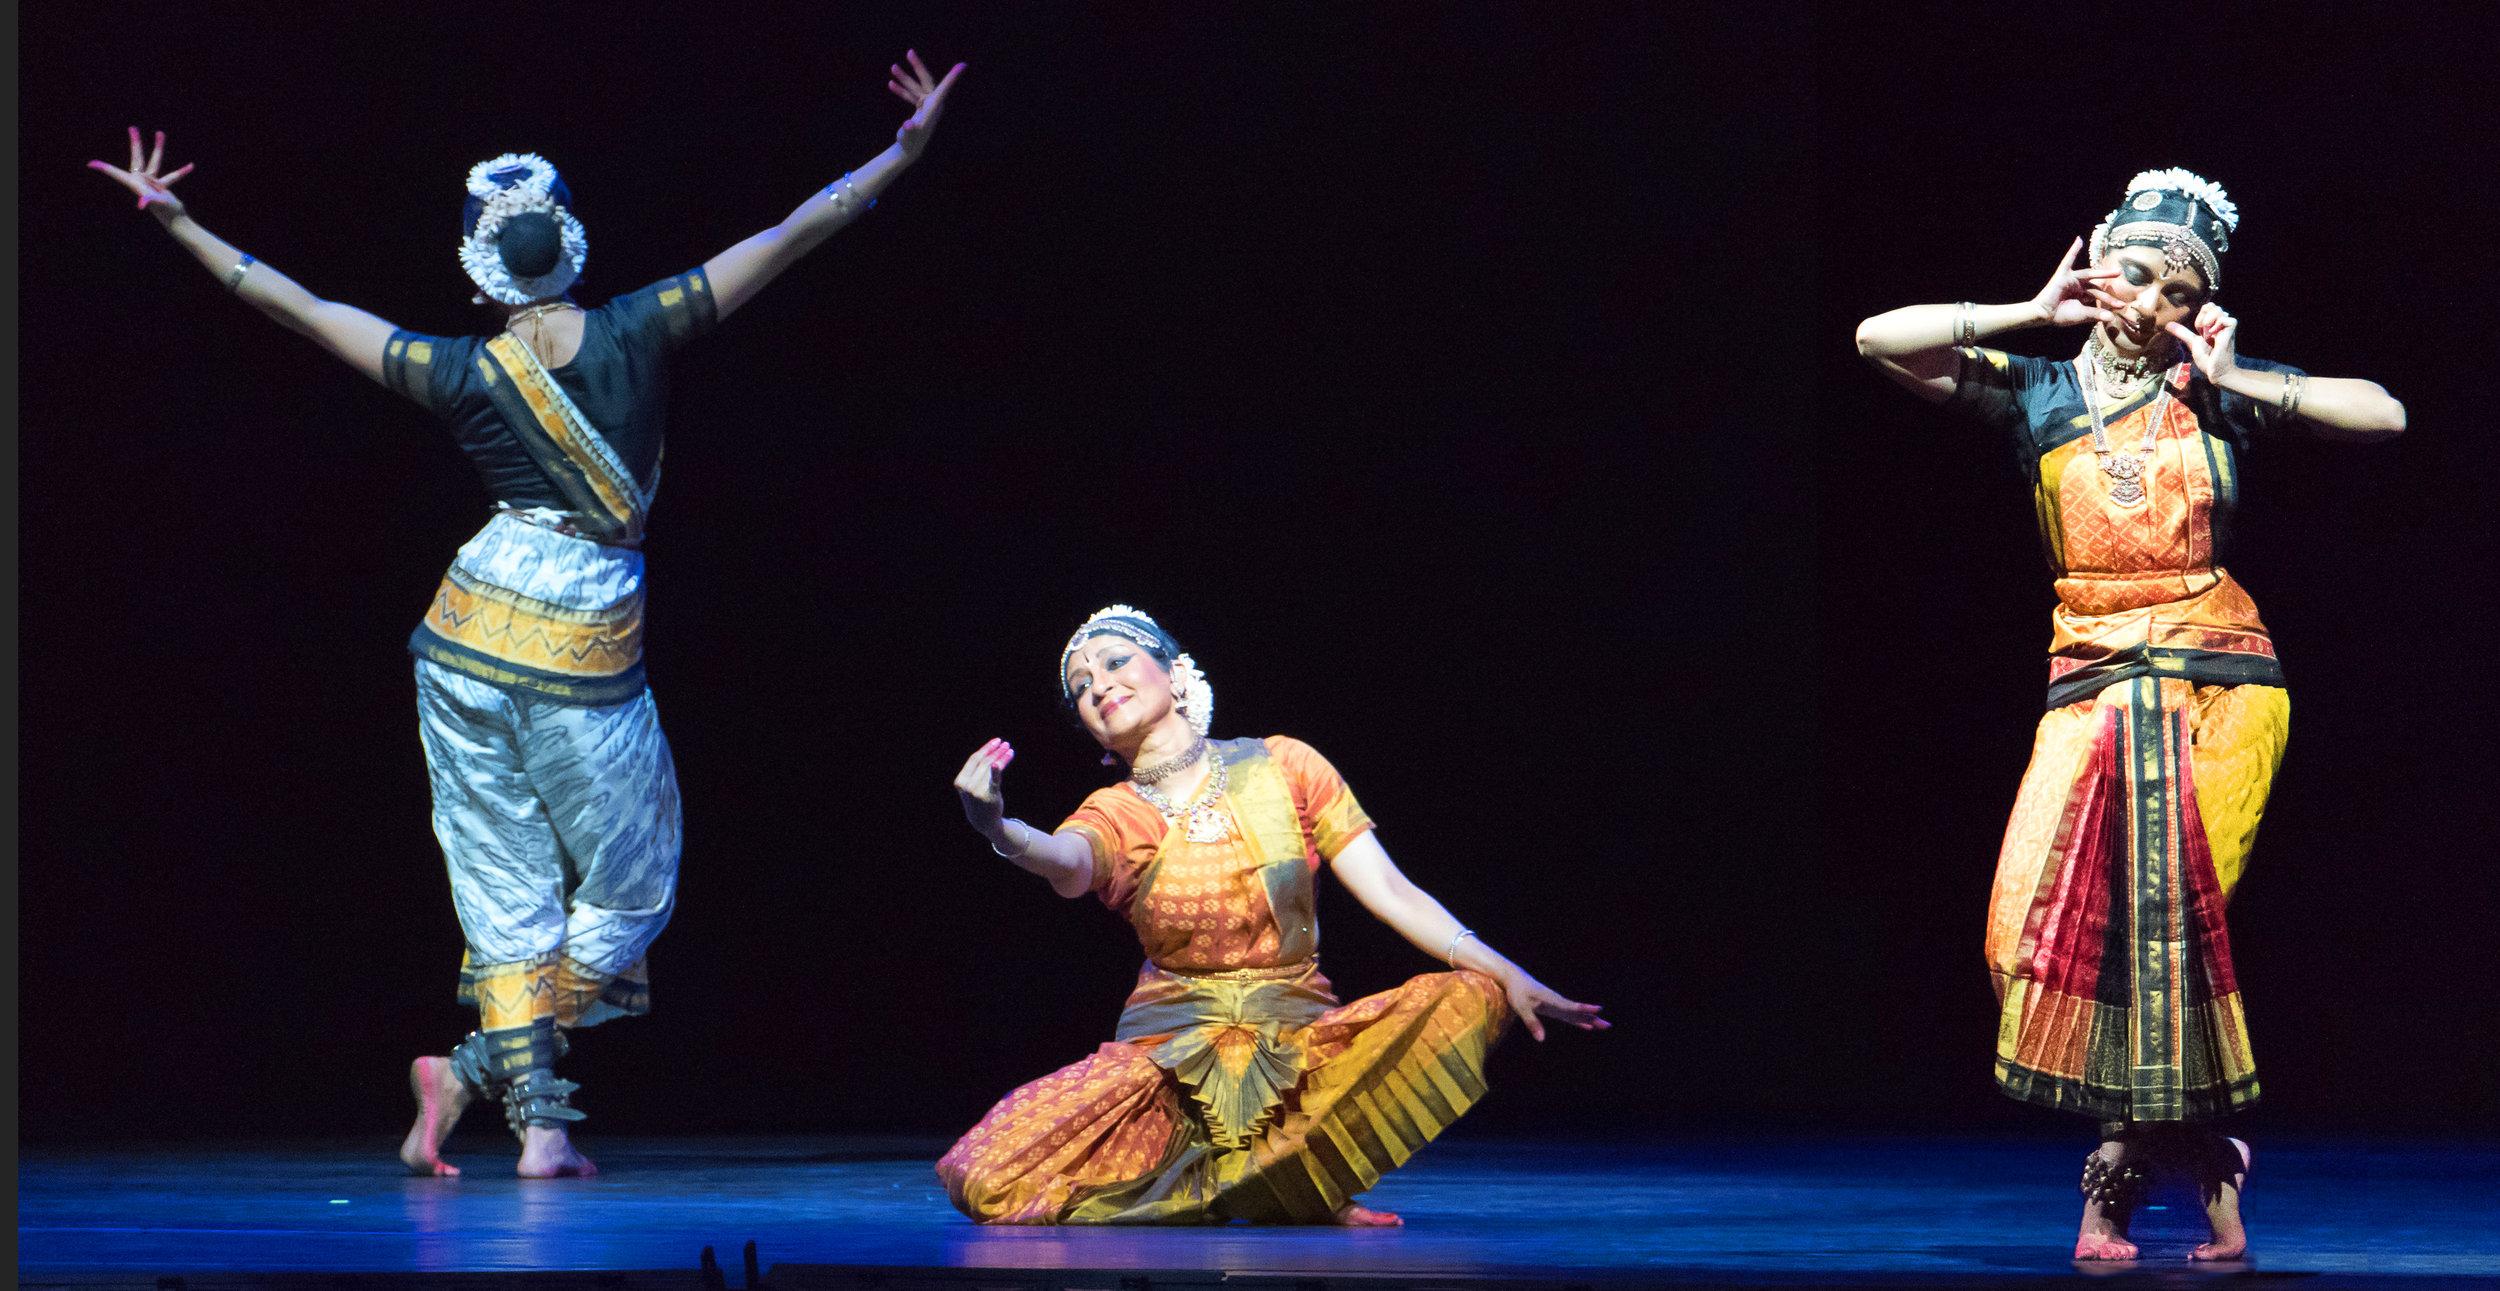 Ashwini Ramaswamy, Aparna Ramaswamy, and Ranee Ramaswamy.image by Darial Sneed